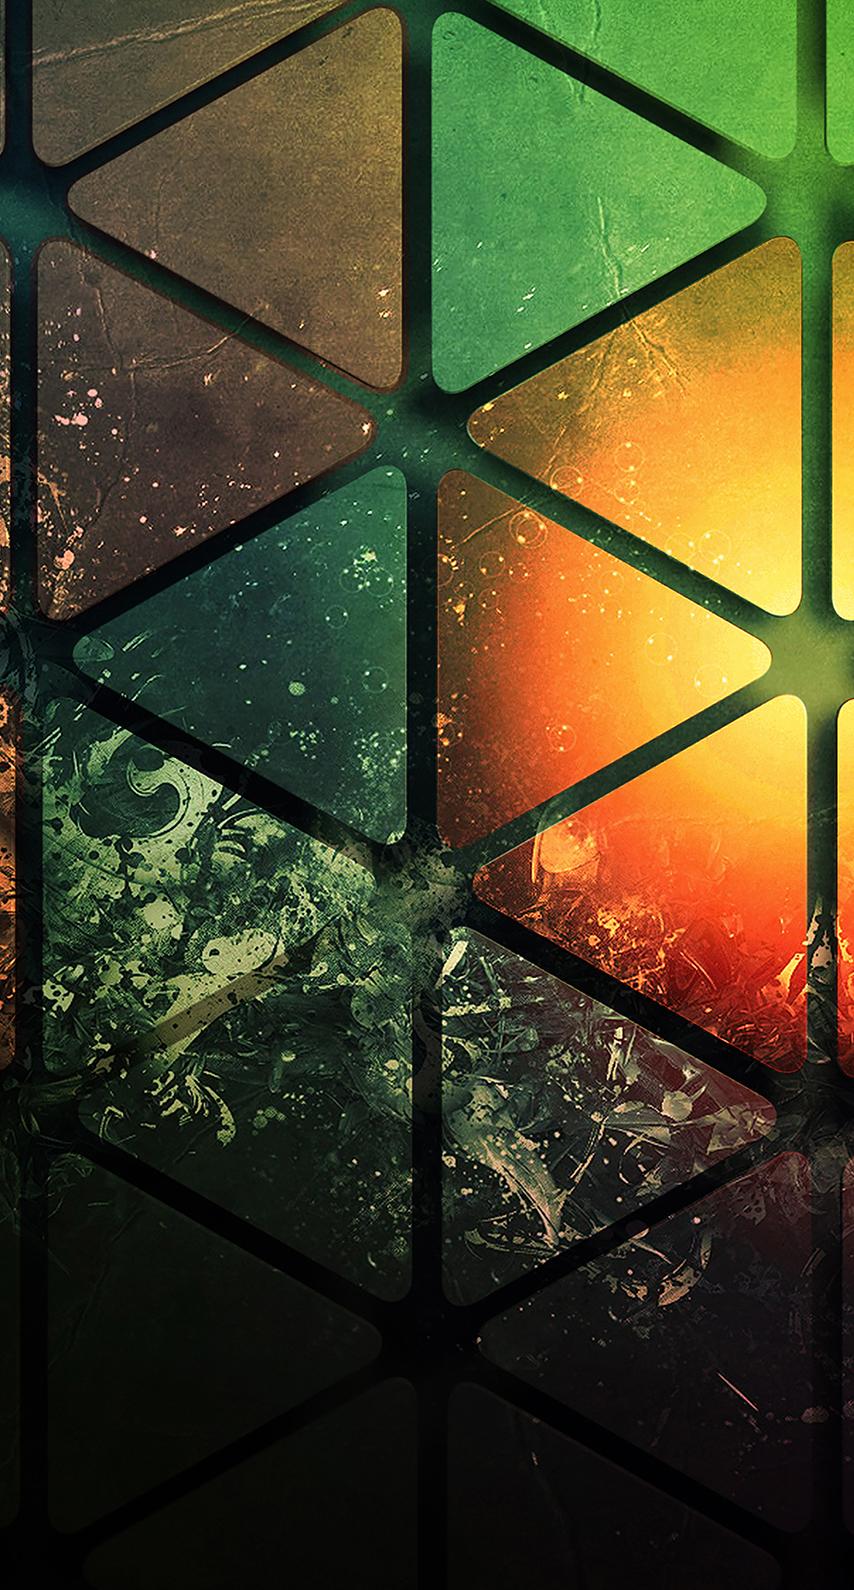 square, computer wallpaper